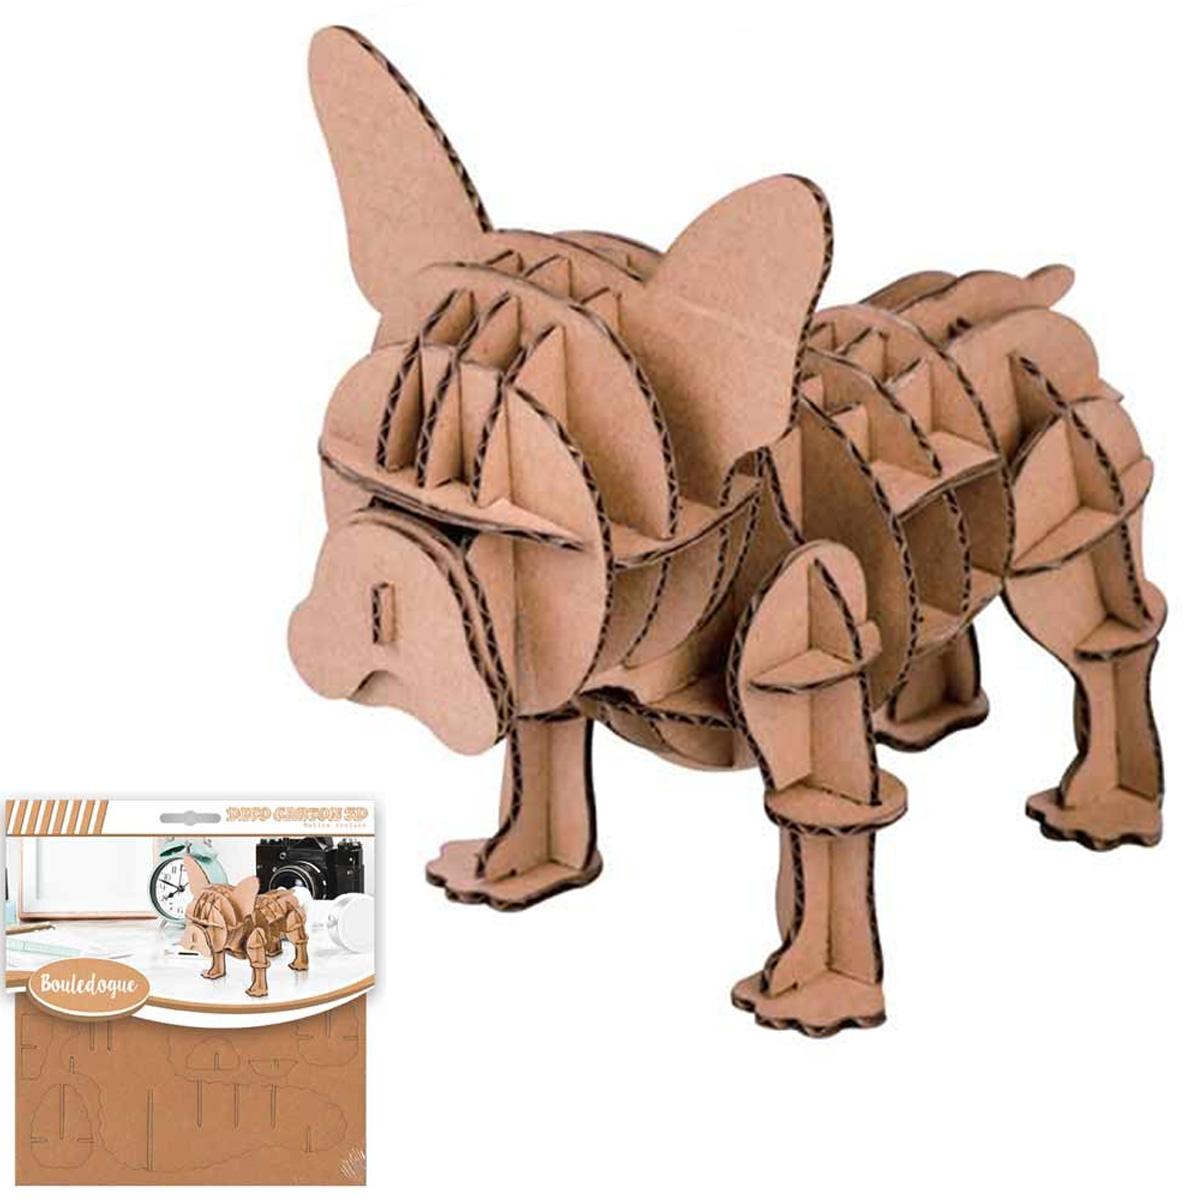 Figurine carton 3D \'Chien\' (bouledogue) - planches 165x175 cm - [Q4565]